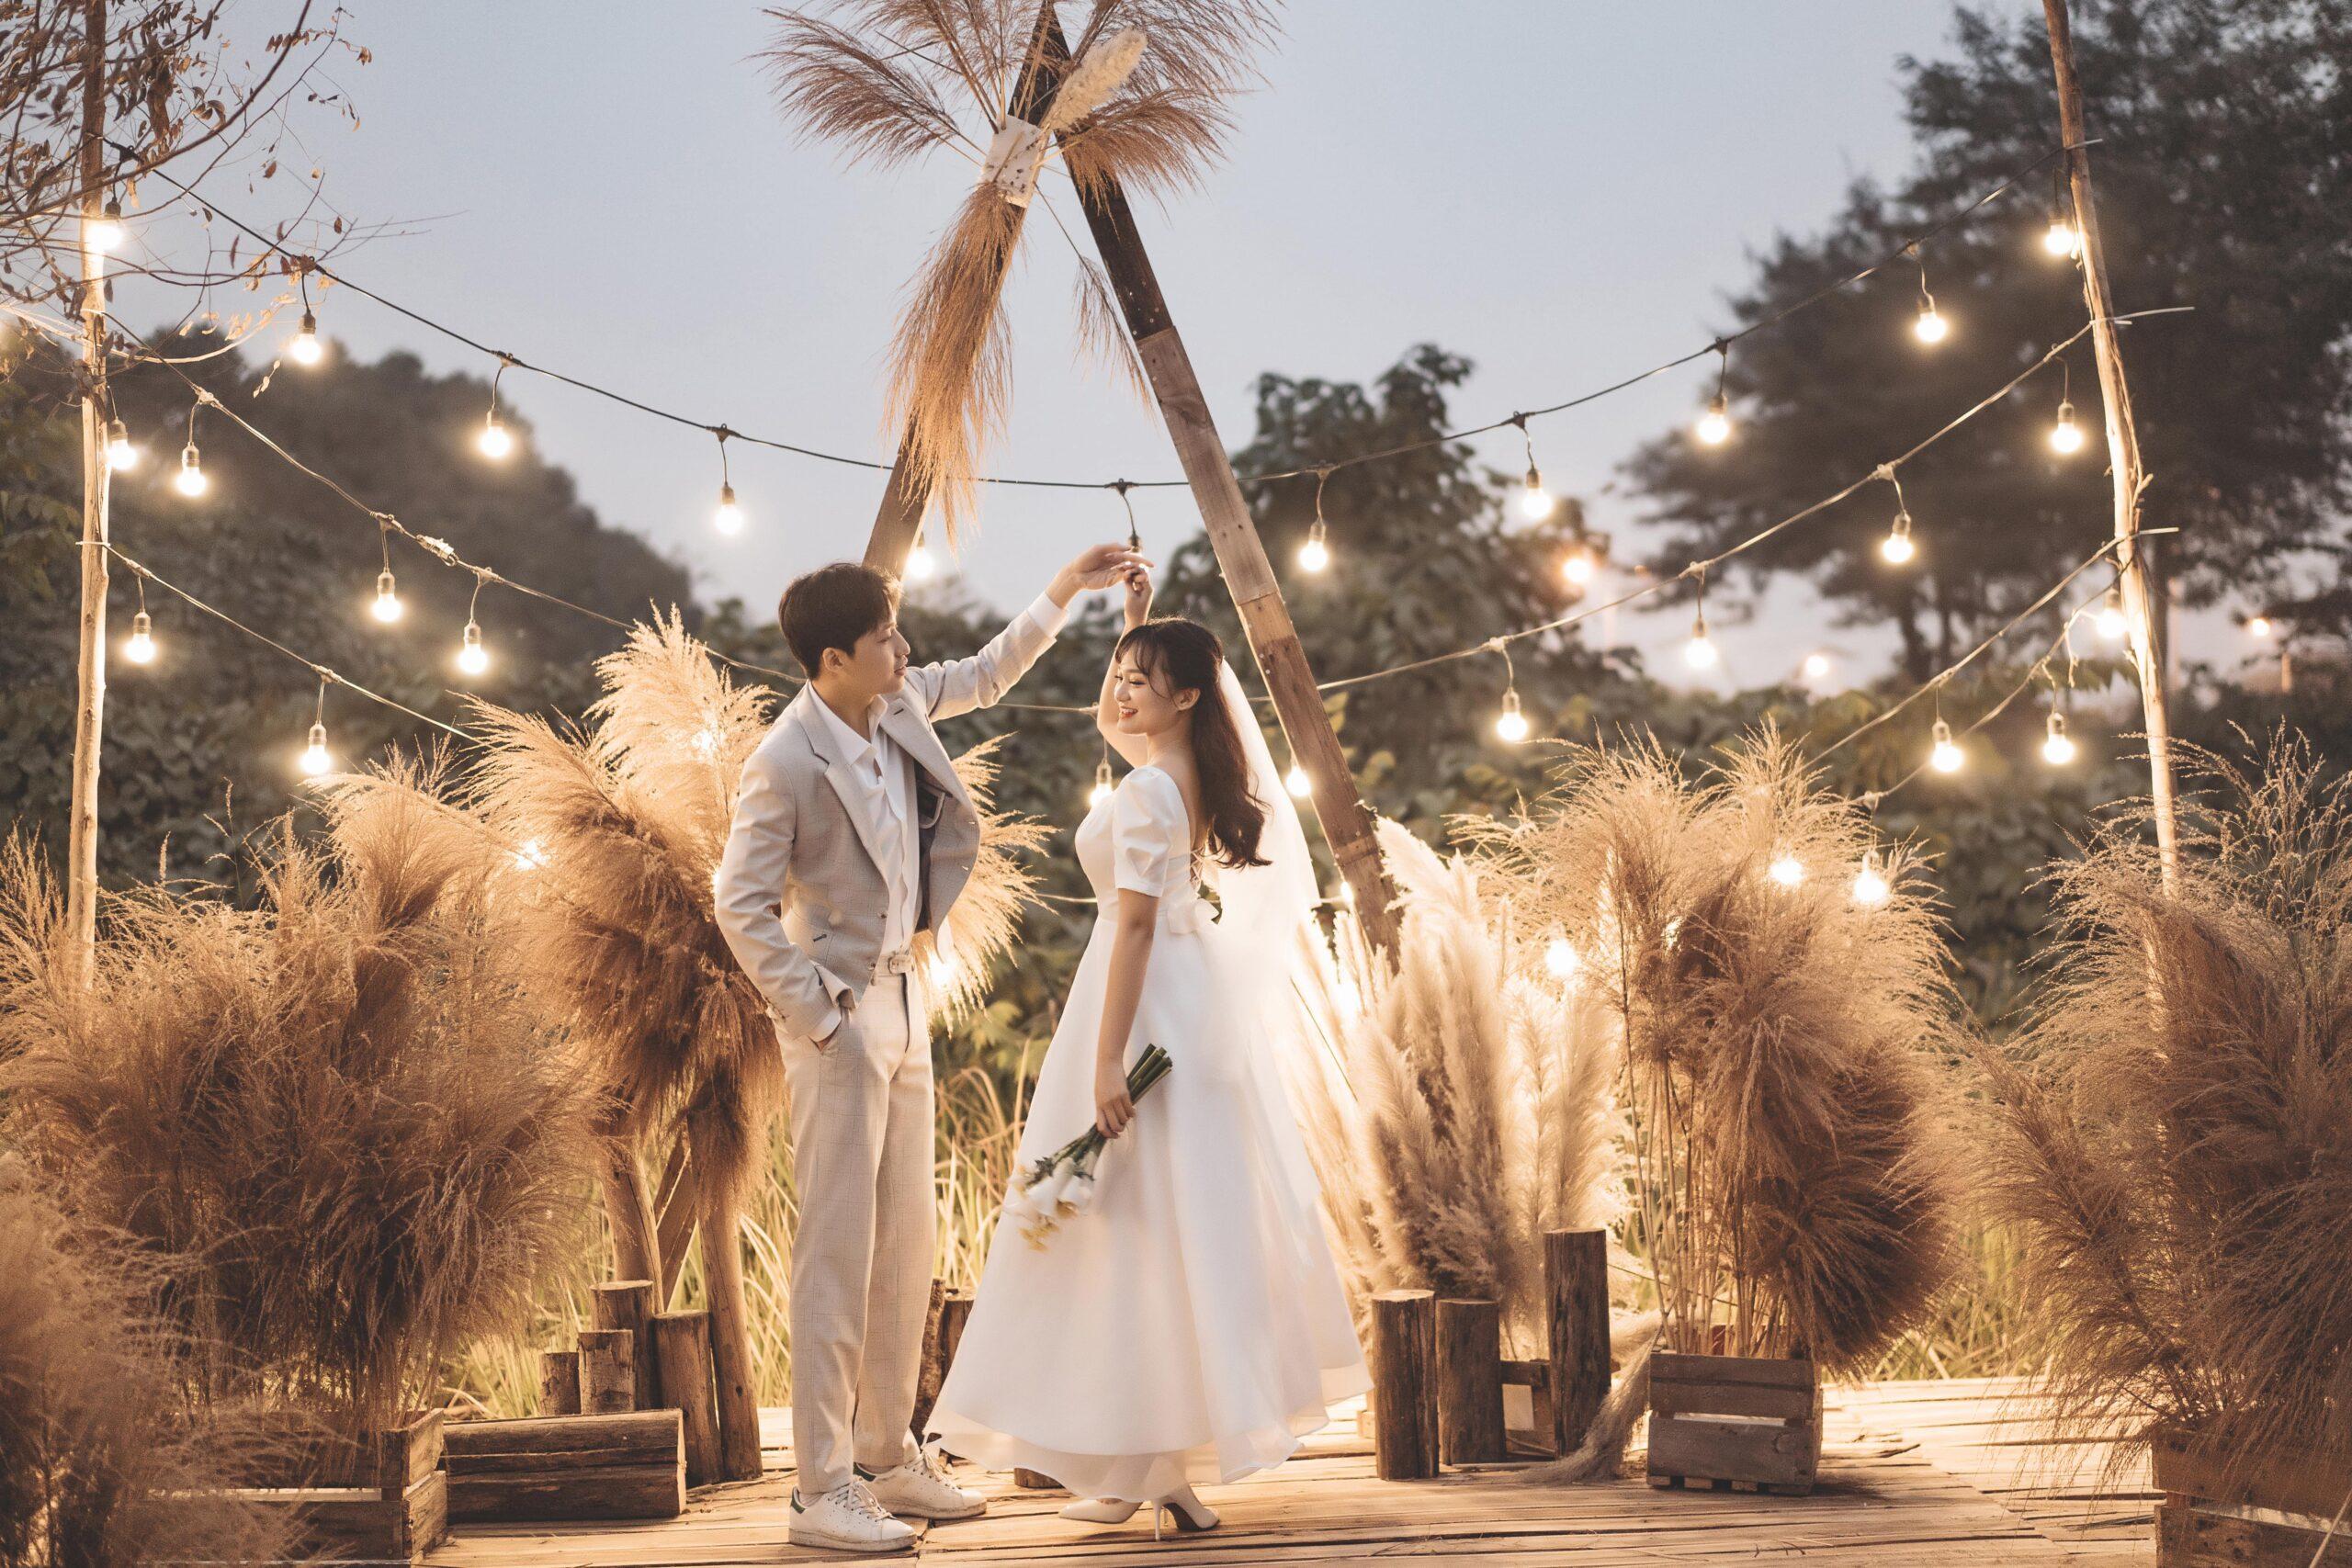 Chụp ảnh cưới trước ngày cưới bao lâu